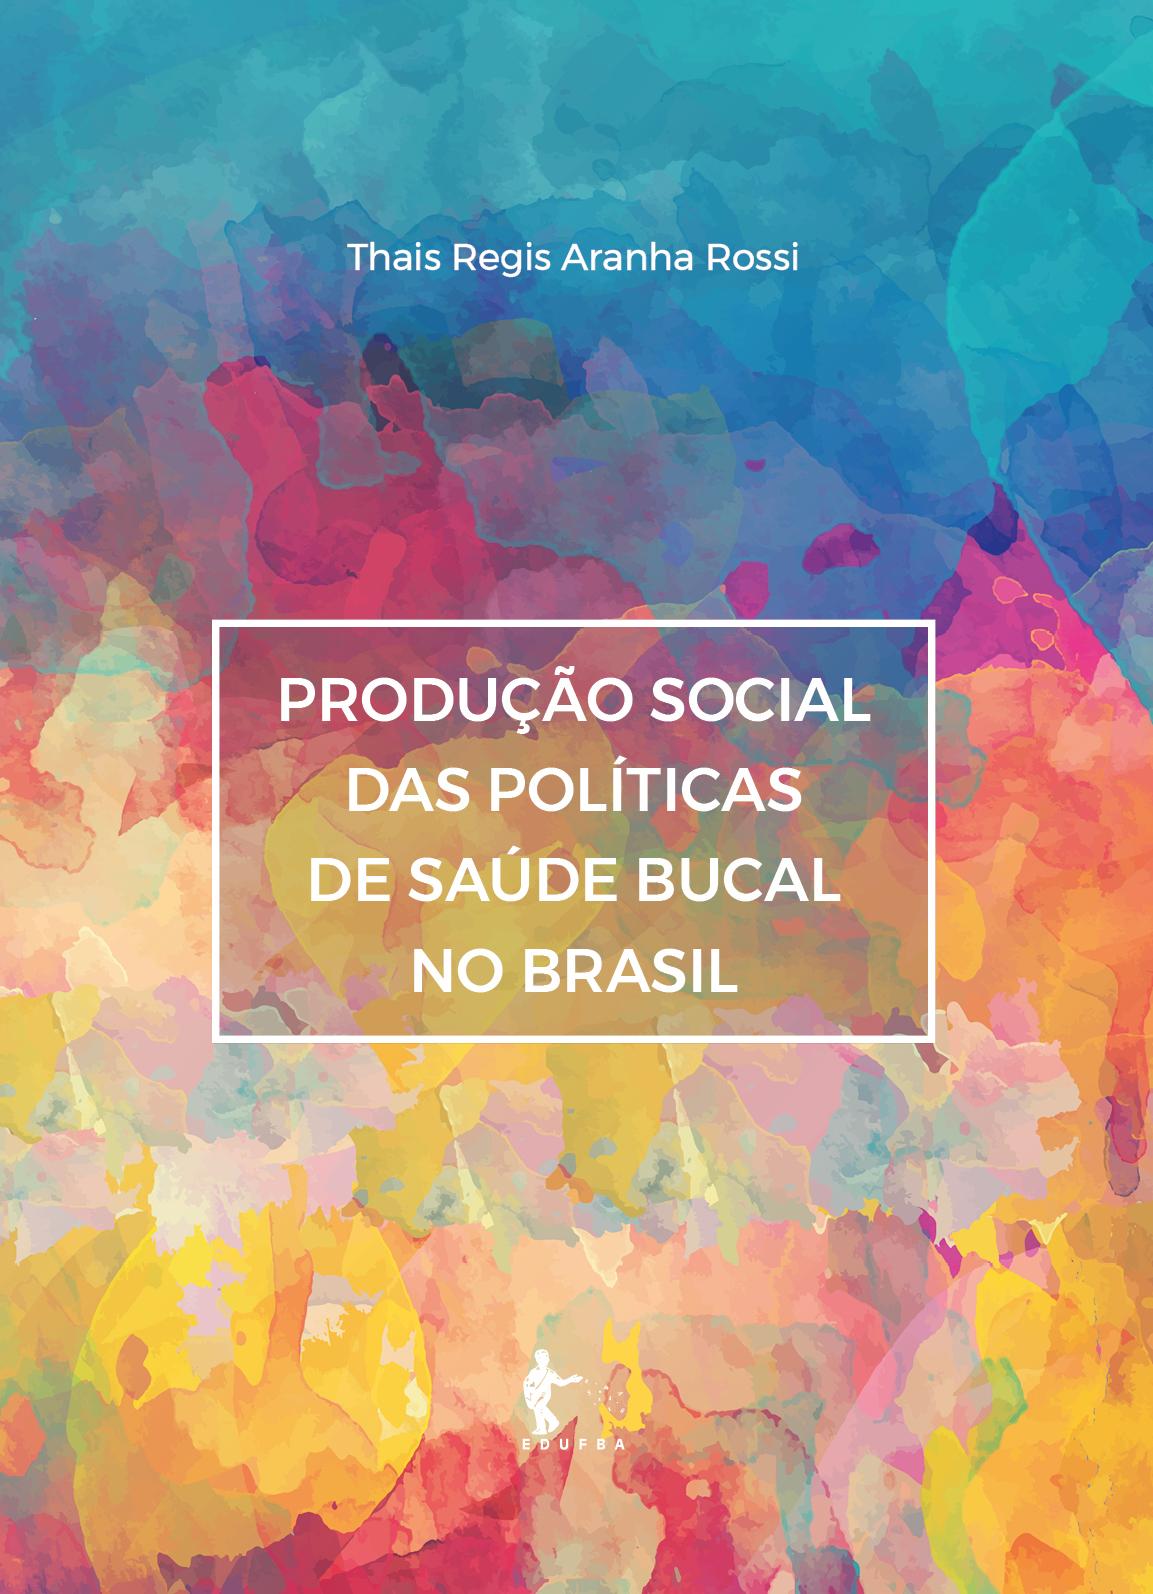 Produção social das políticas de saúde bucal no Brasil, livro de Thais Régis Aranha Rossi